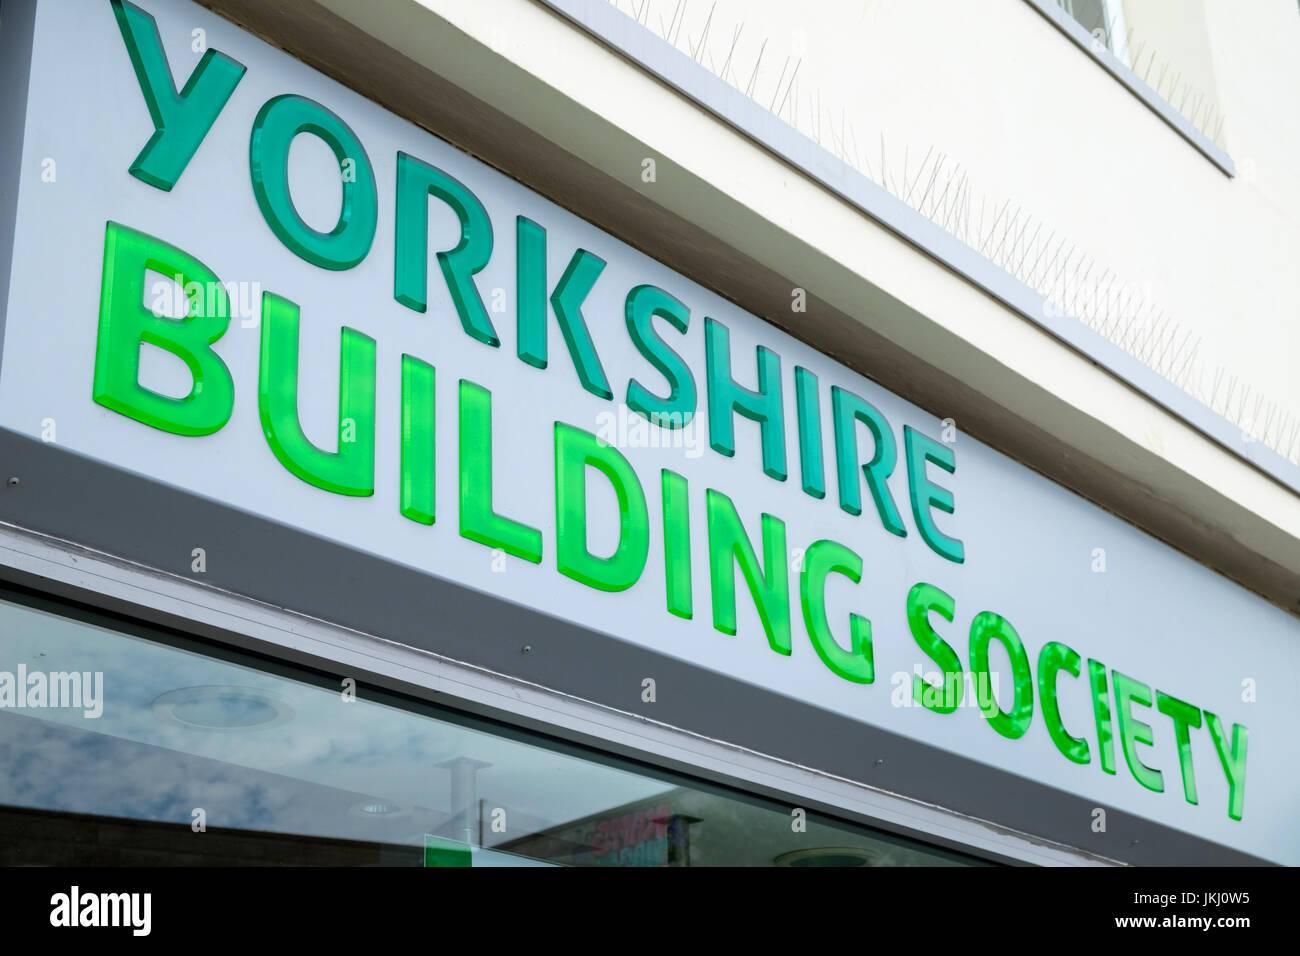 Yorkshire Building Society, Southampton, Hampshire, UK - Stock Image